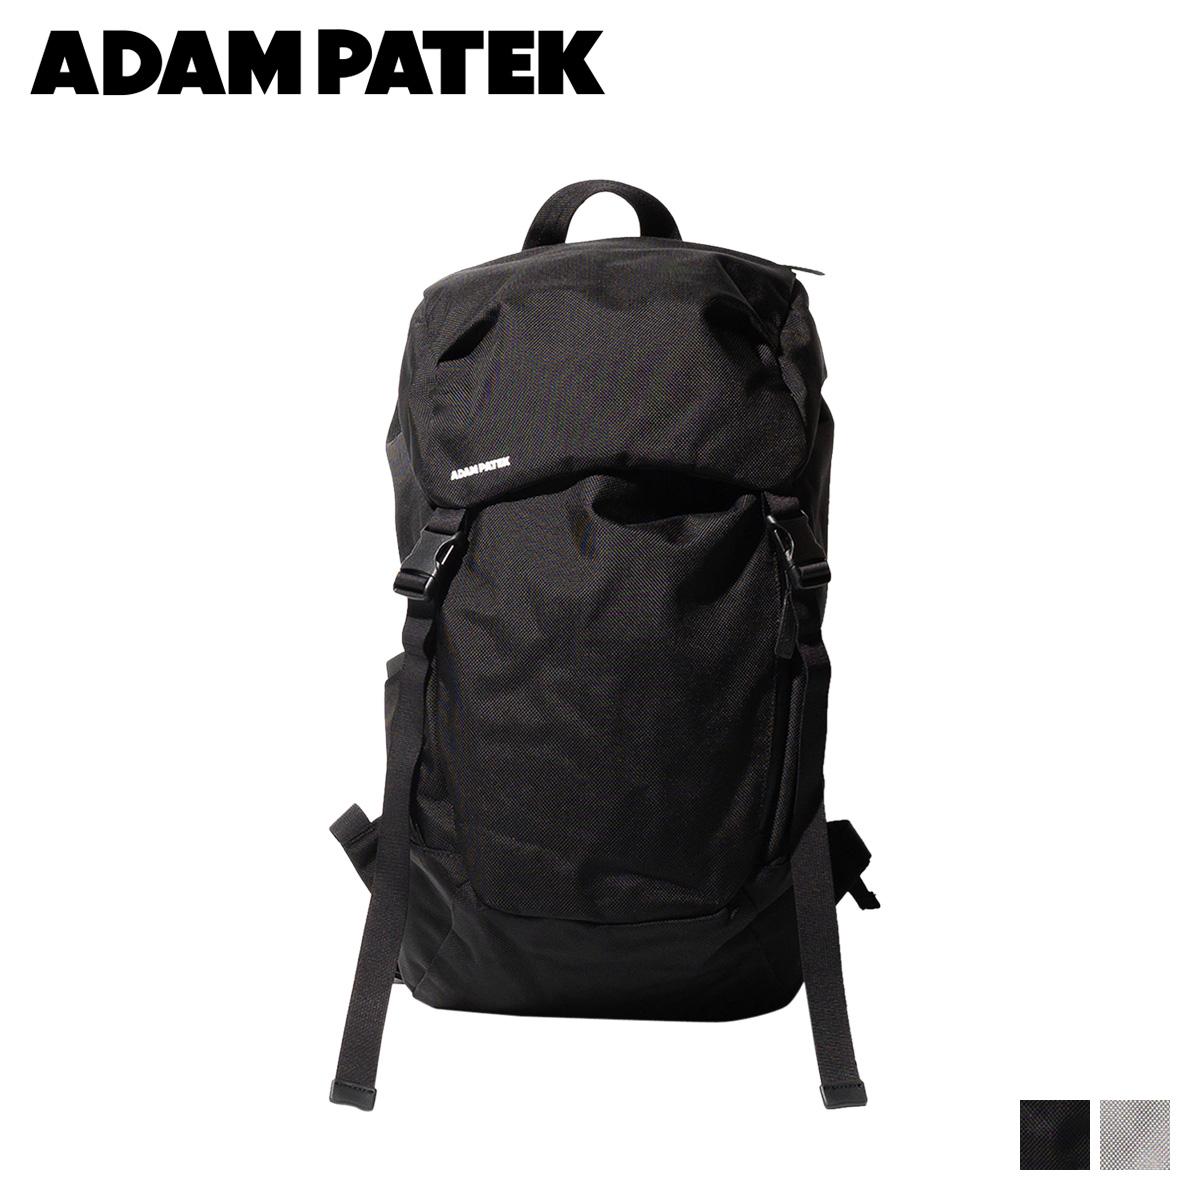 ADAM PATEK LENTS FLAP BACKPACK アダムパテック バッグ リュック バックパック メンズ レディース ブラック グレー 黒 AMPK-B045 [11/6 新入荷]